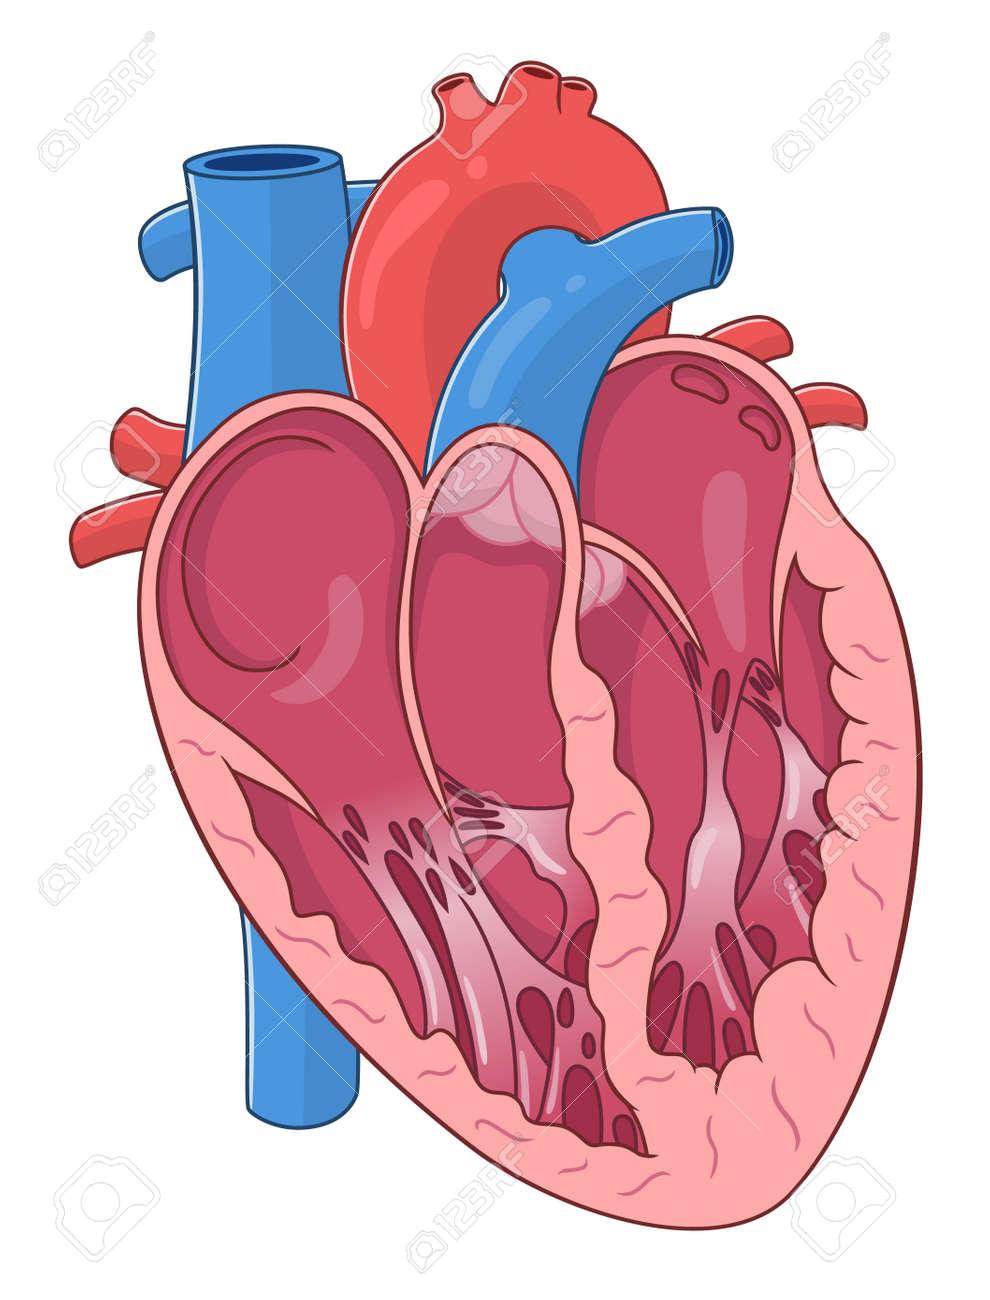 internal human heart